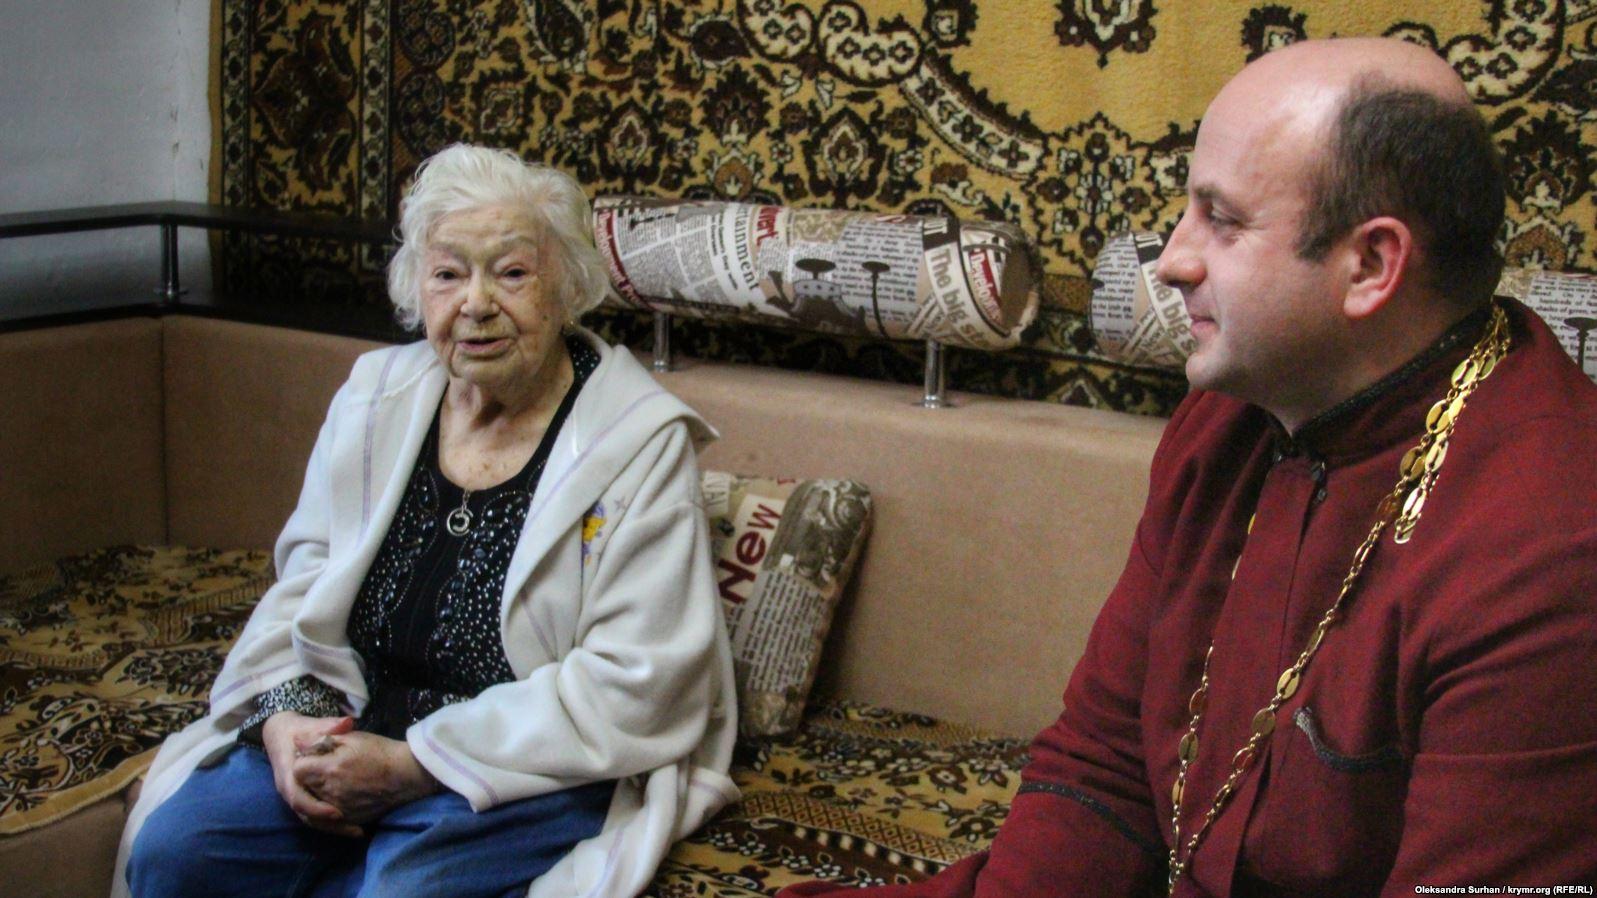 Пани Теодозию проведывает священник, они знакомы еще со времен Оранжевой революции. Отец Ярослав Гонтарь вспоминает, как женщина кричала на митинге: «Коммунисты, я вас не боюсь»